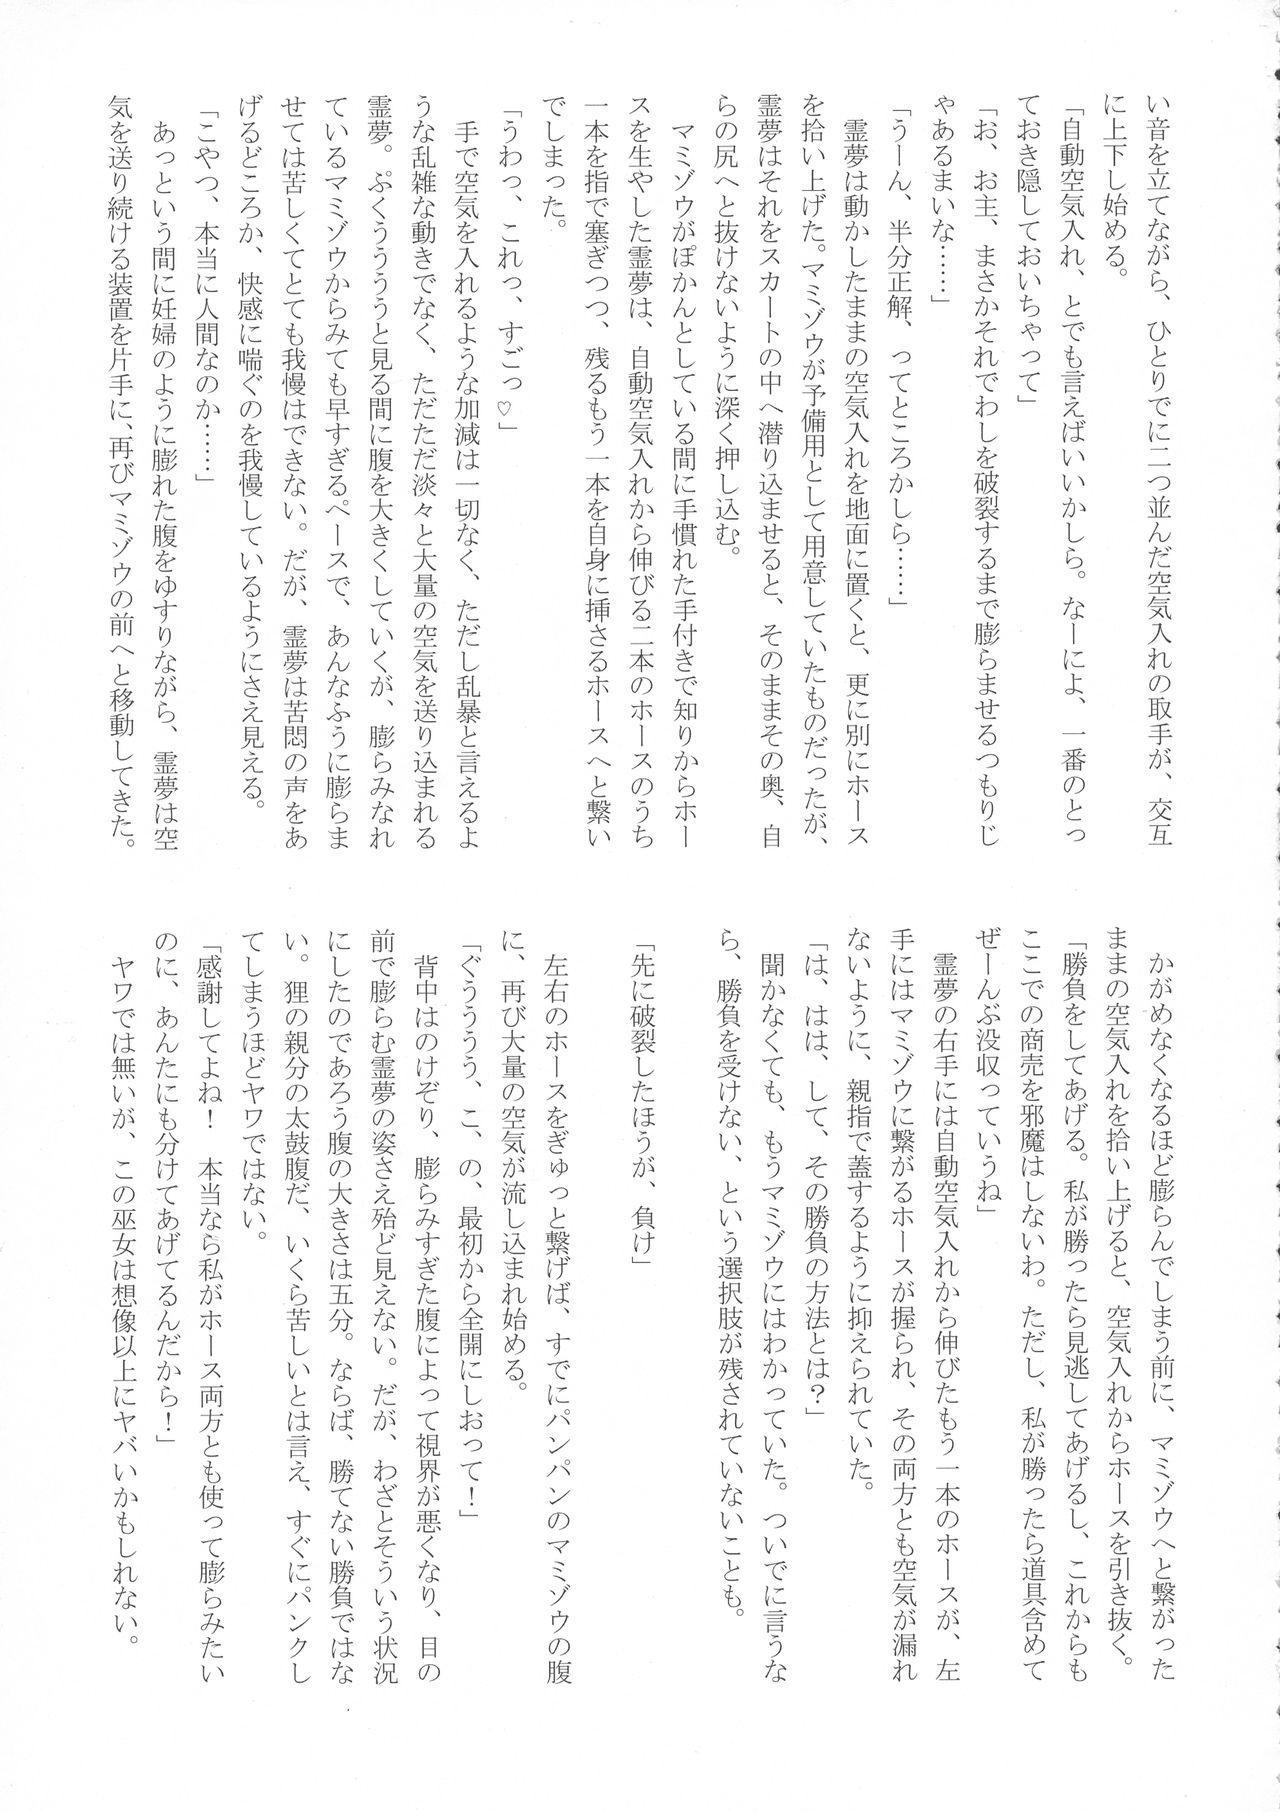 (Reitaisai 15) [HORIC WORKS (Various)] Touhou Bouchou-kei Sougou Goudou-shi `Boujo 2!!!!!!!!' (Touhou Project) 89